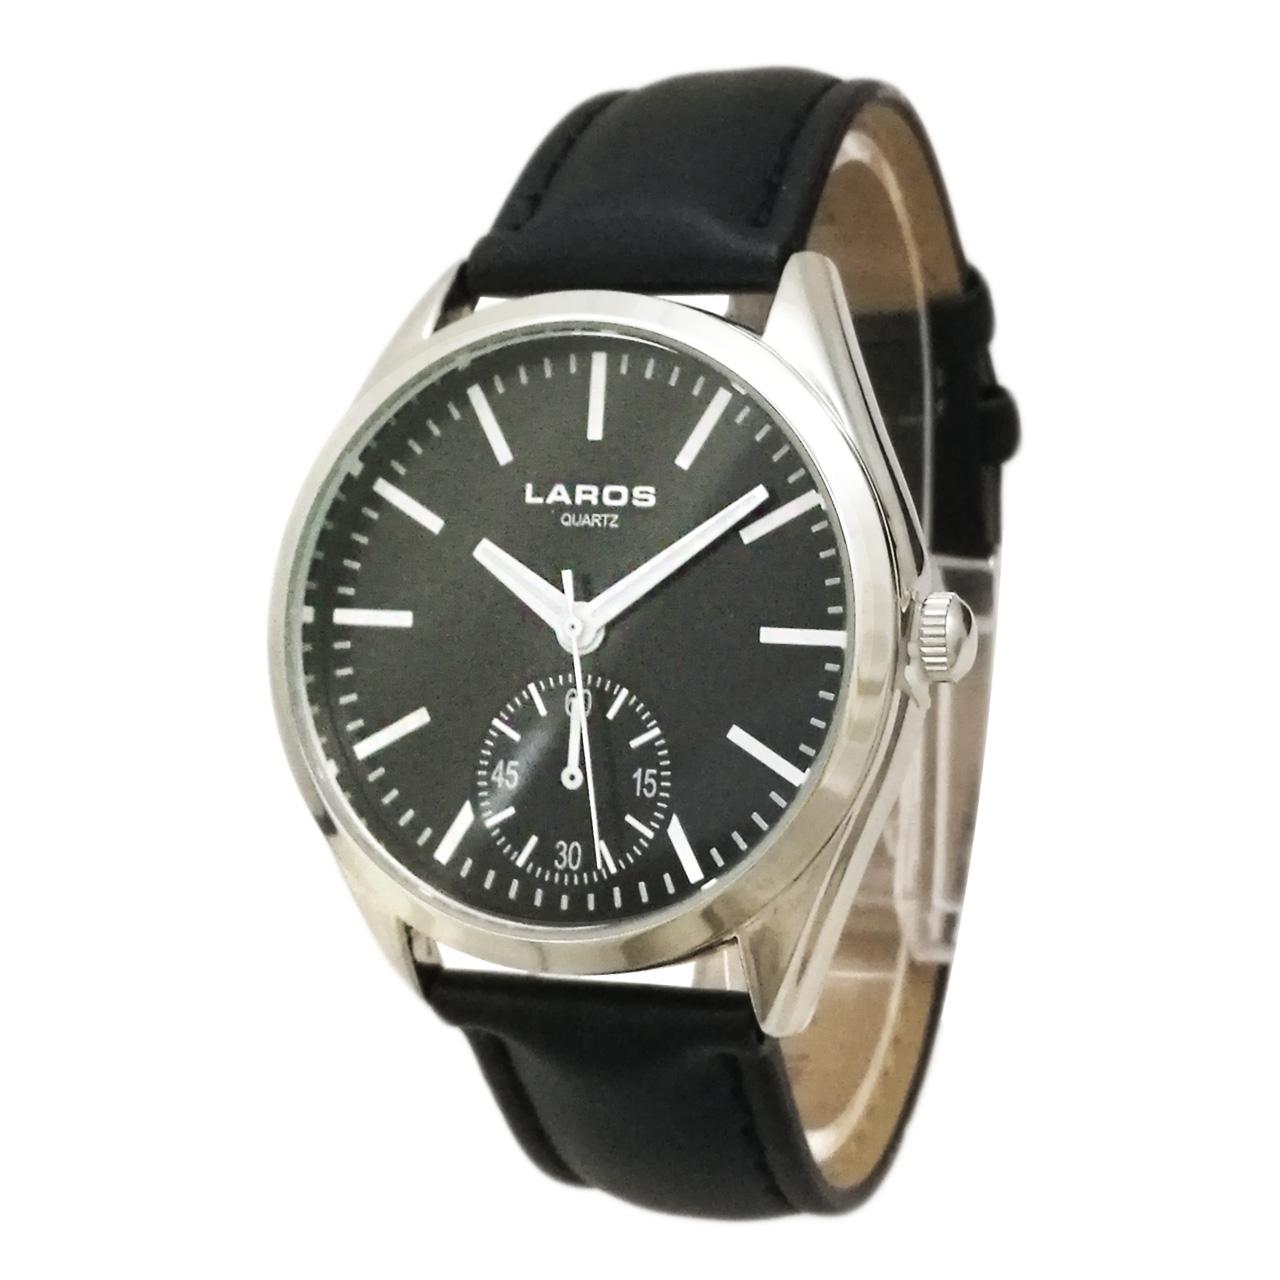 ساعت مچی عقربه ای مردانه لاروس مدل0916-79929-s به همراه دستمال مخصوص برند کلین واچ 54